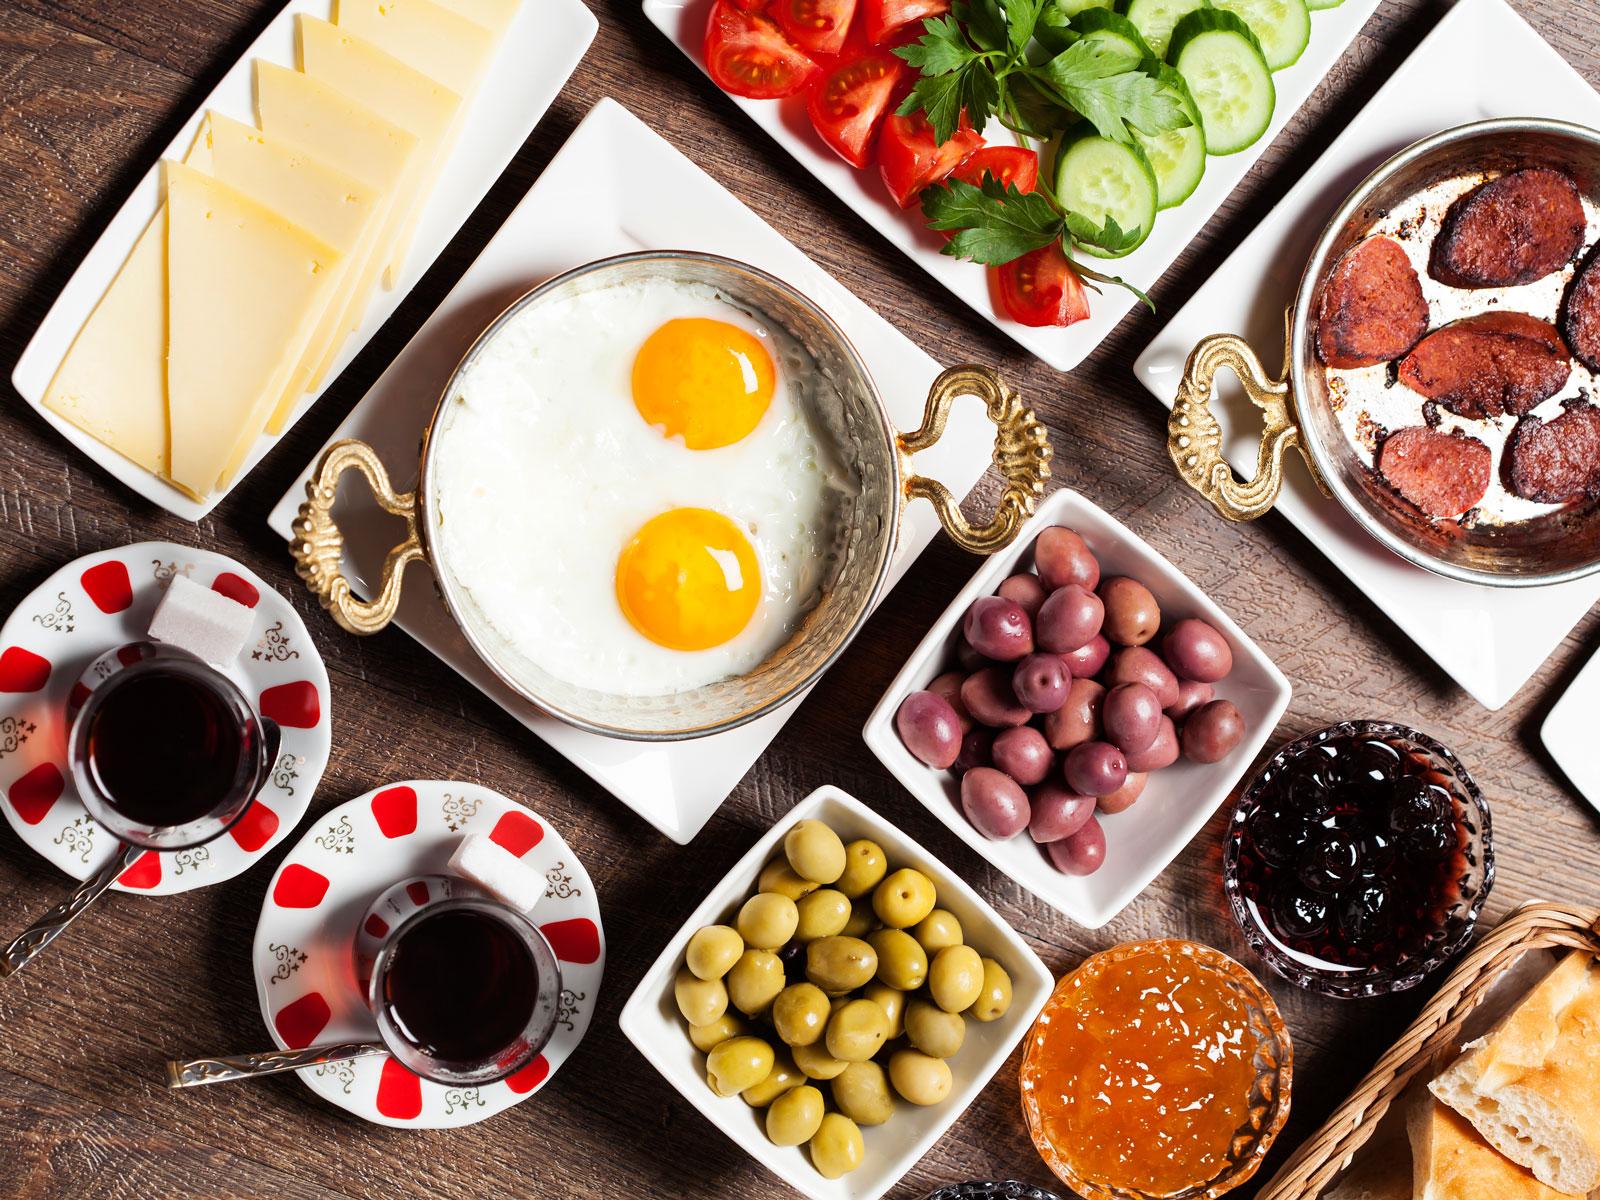 Kahvaltı Yapmanın Faydası ve Pratik Kahvaltı Tarifleri